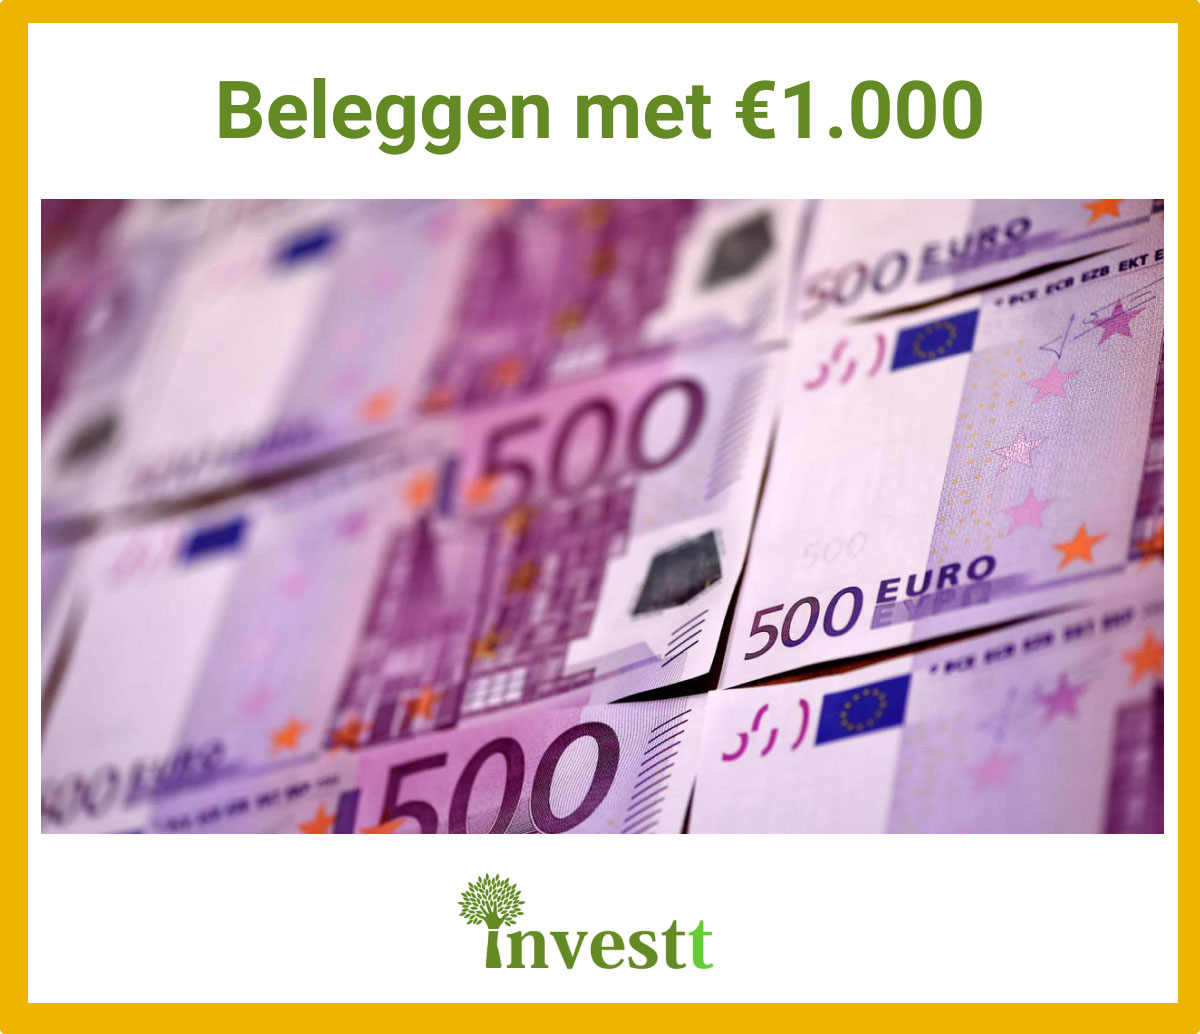 beleggen 1000 euro